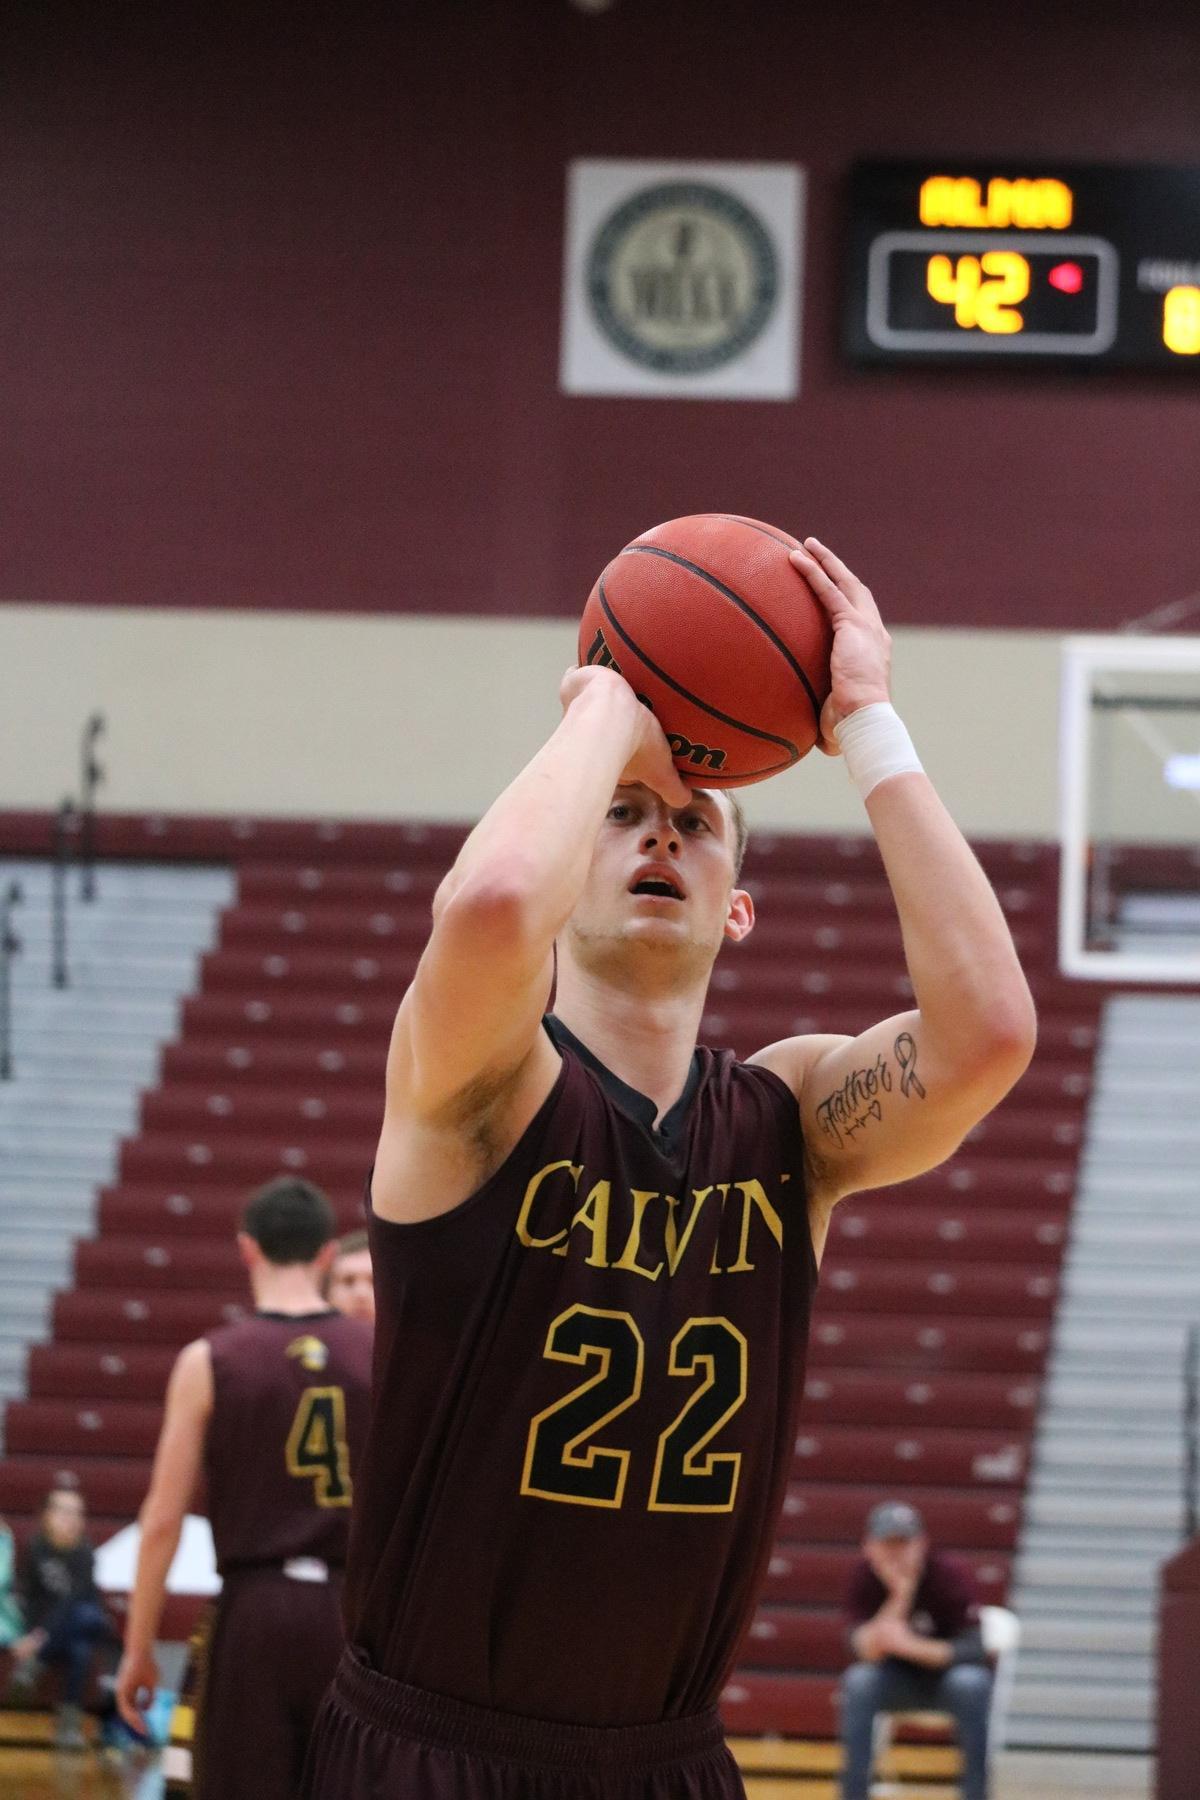 calvin college athletics